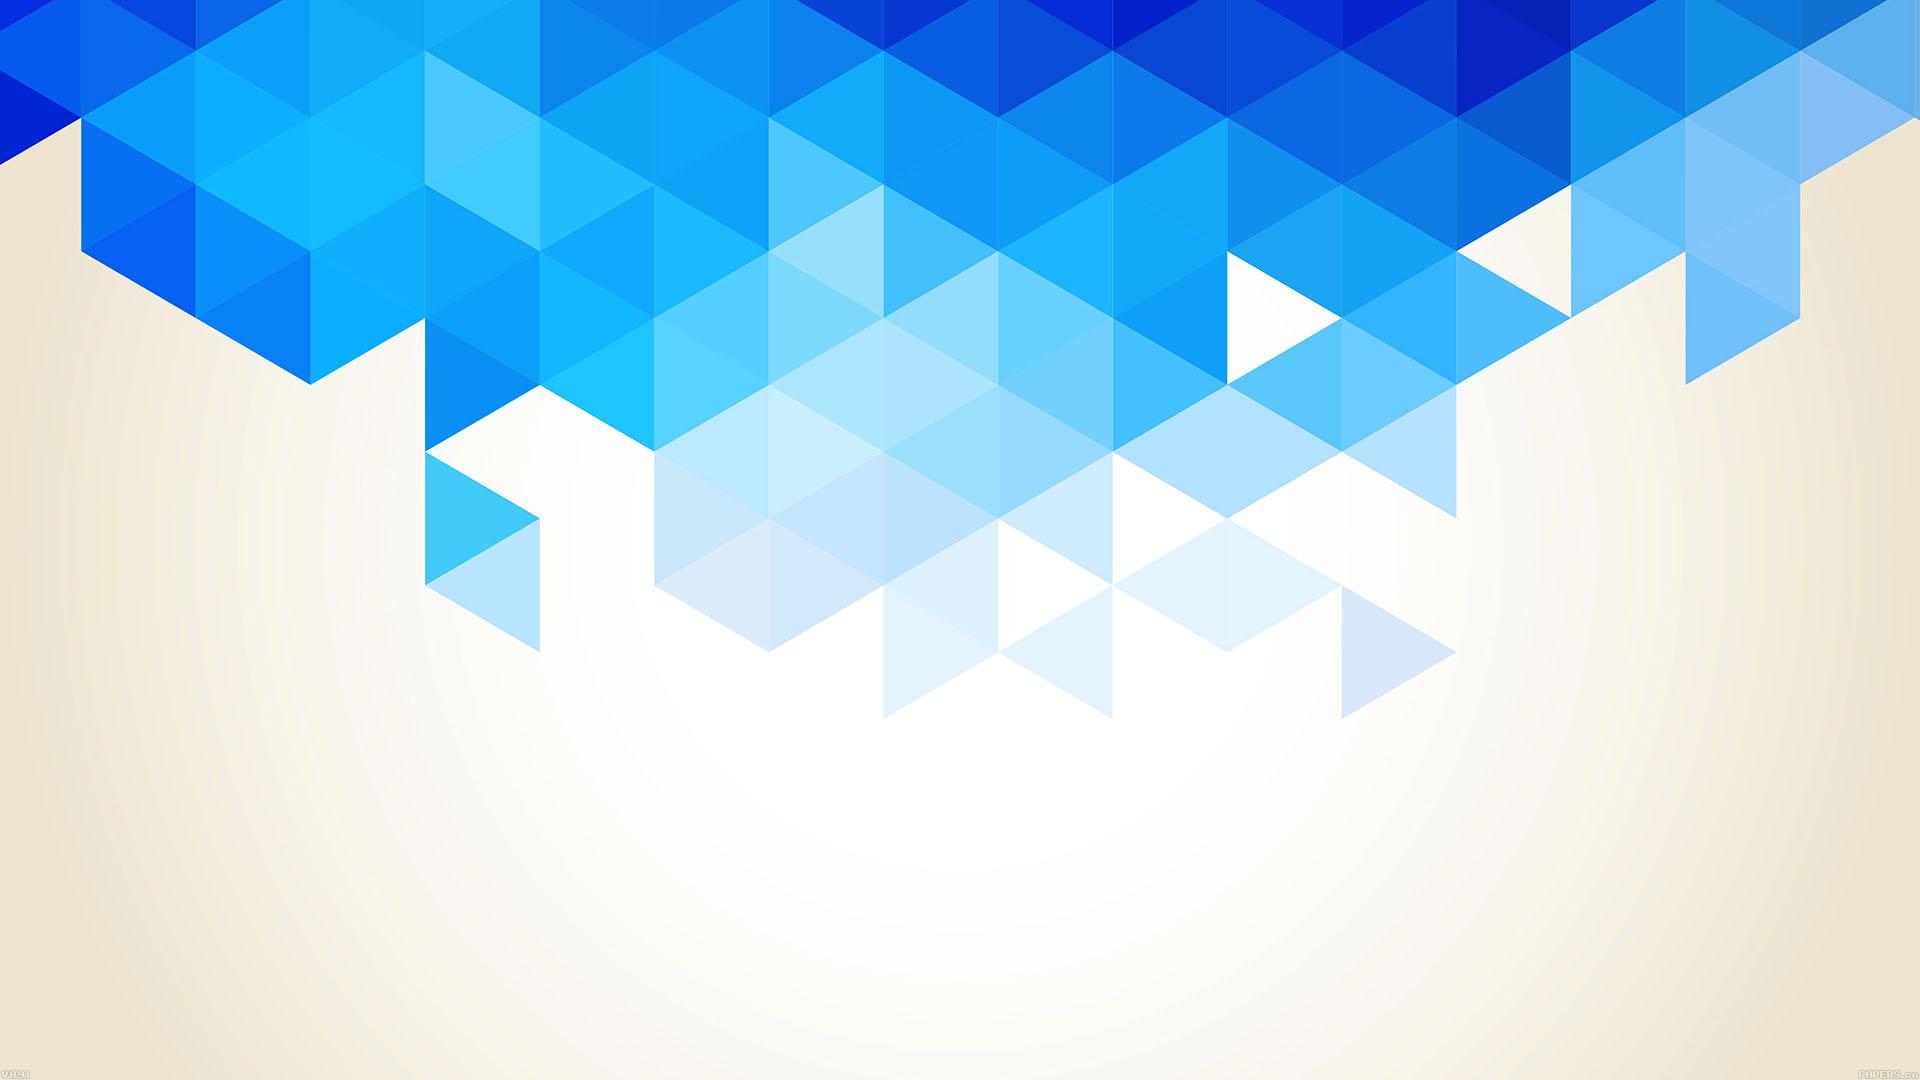 va91wallpapertrianglefallbluepatternwallpaper